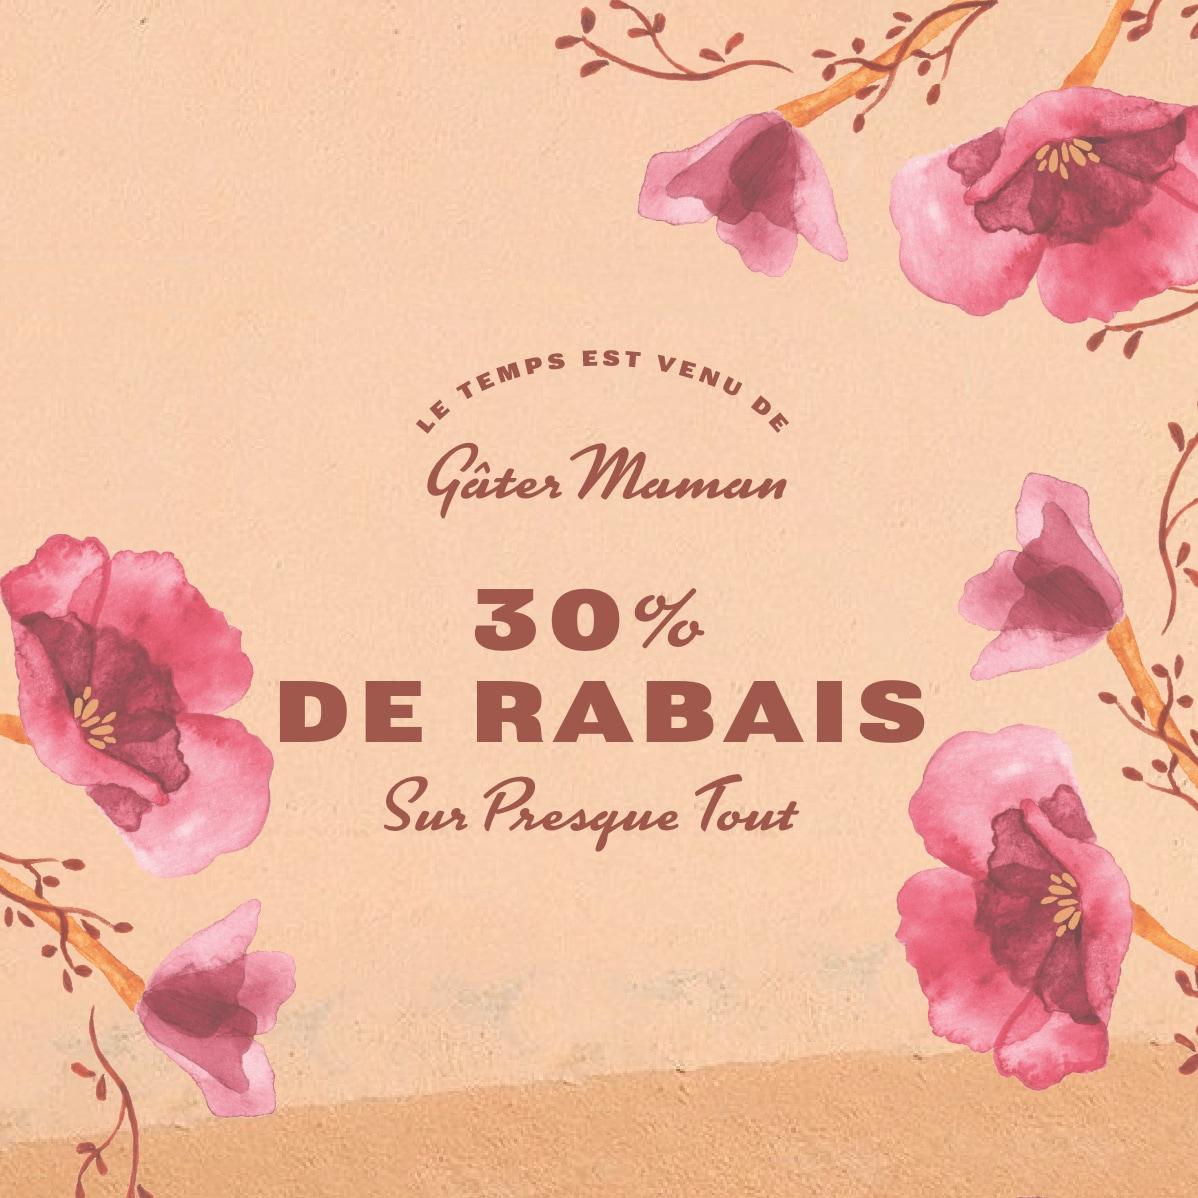 LE TEMPS EST VENU DE GÂTER MAMAN 30 % DE RABAIS* SUR PRESQUE TOUT